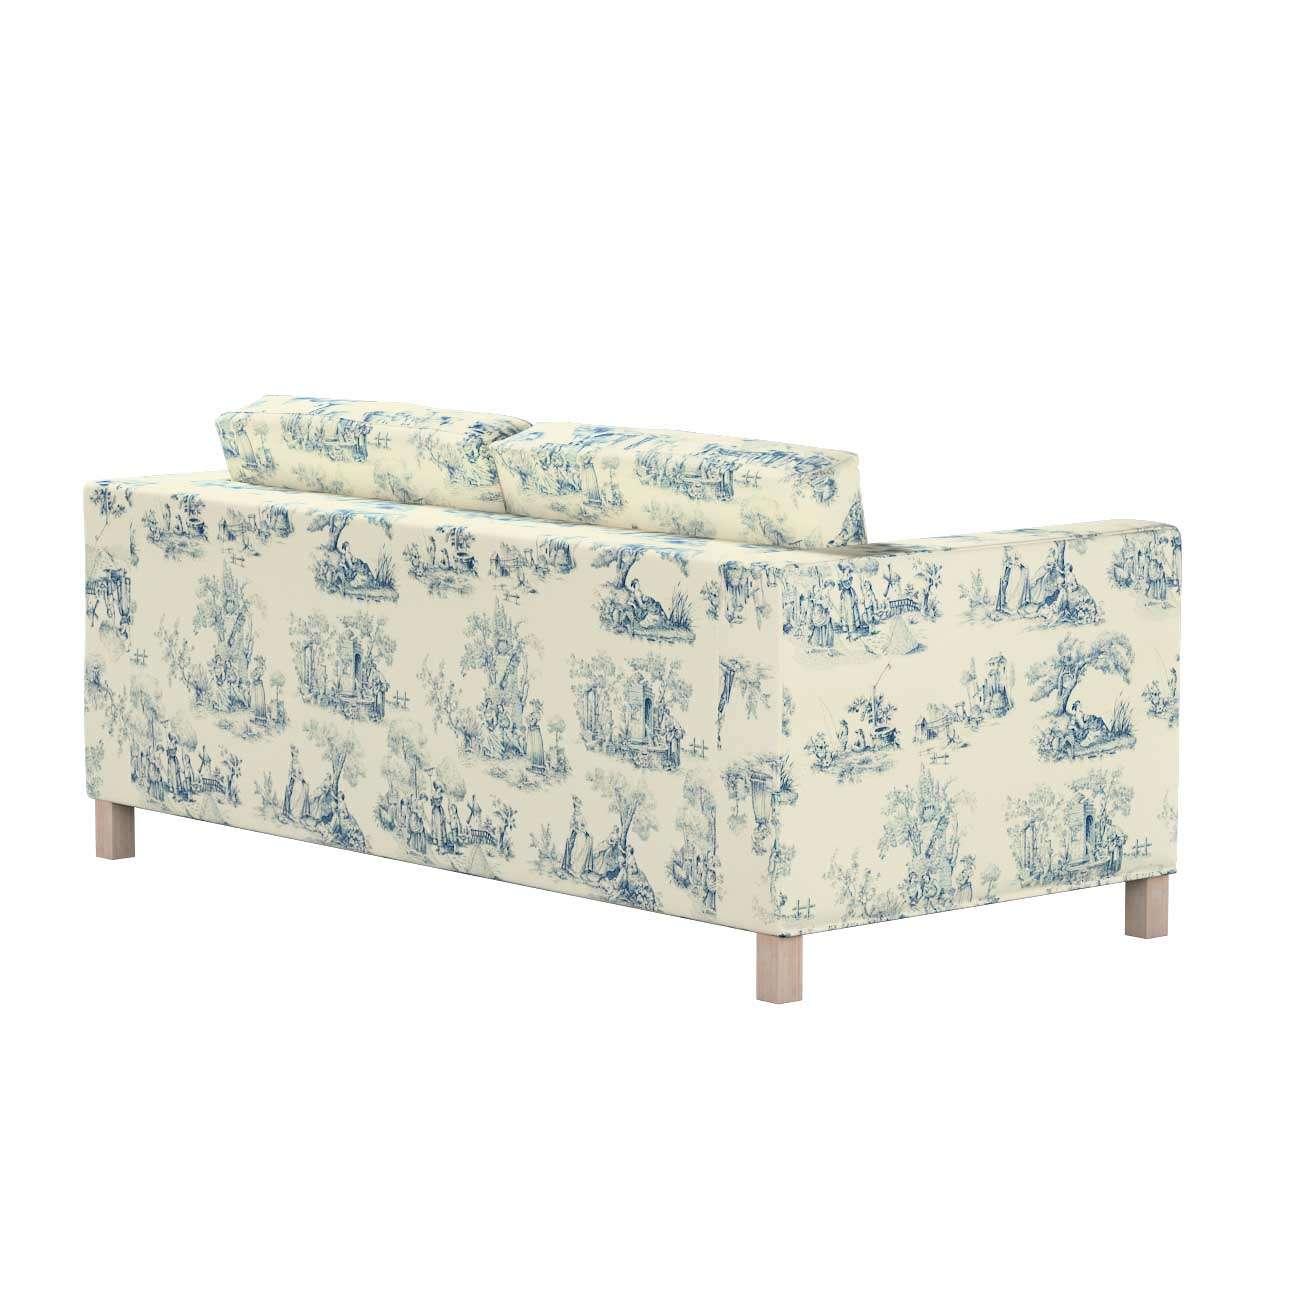 Pokrowiec na sofę Karlanda rozkładaną, krótki w kolekcji Avinon, tkanina: 132-66